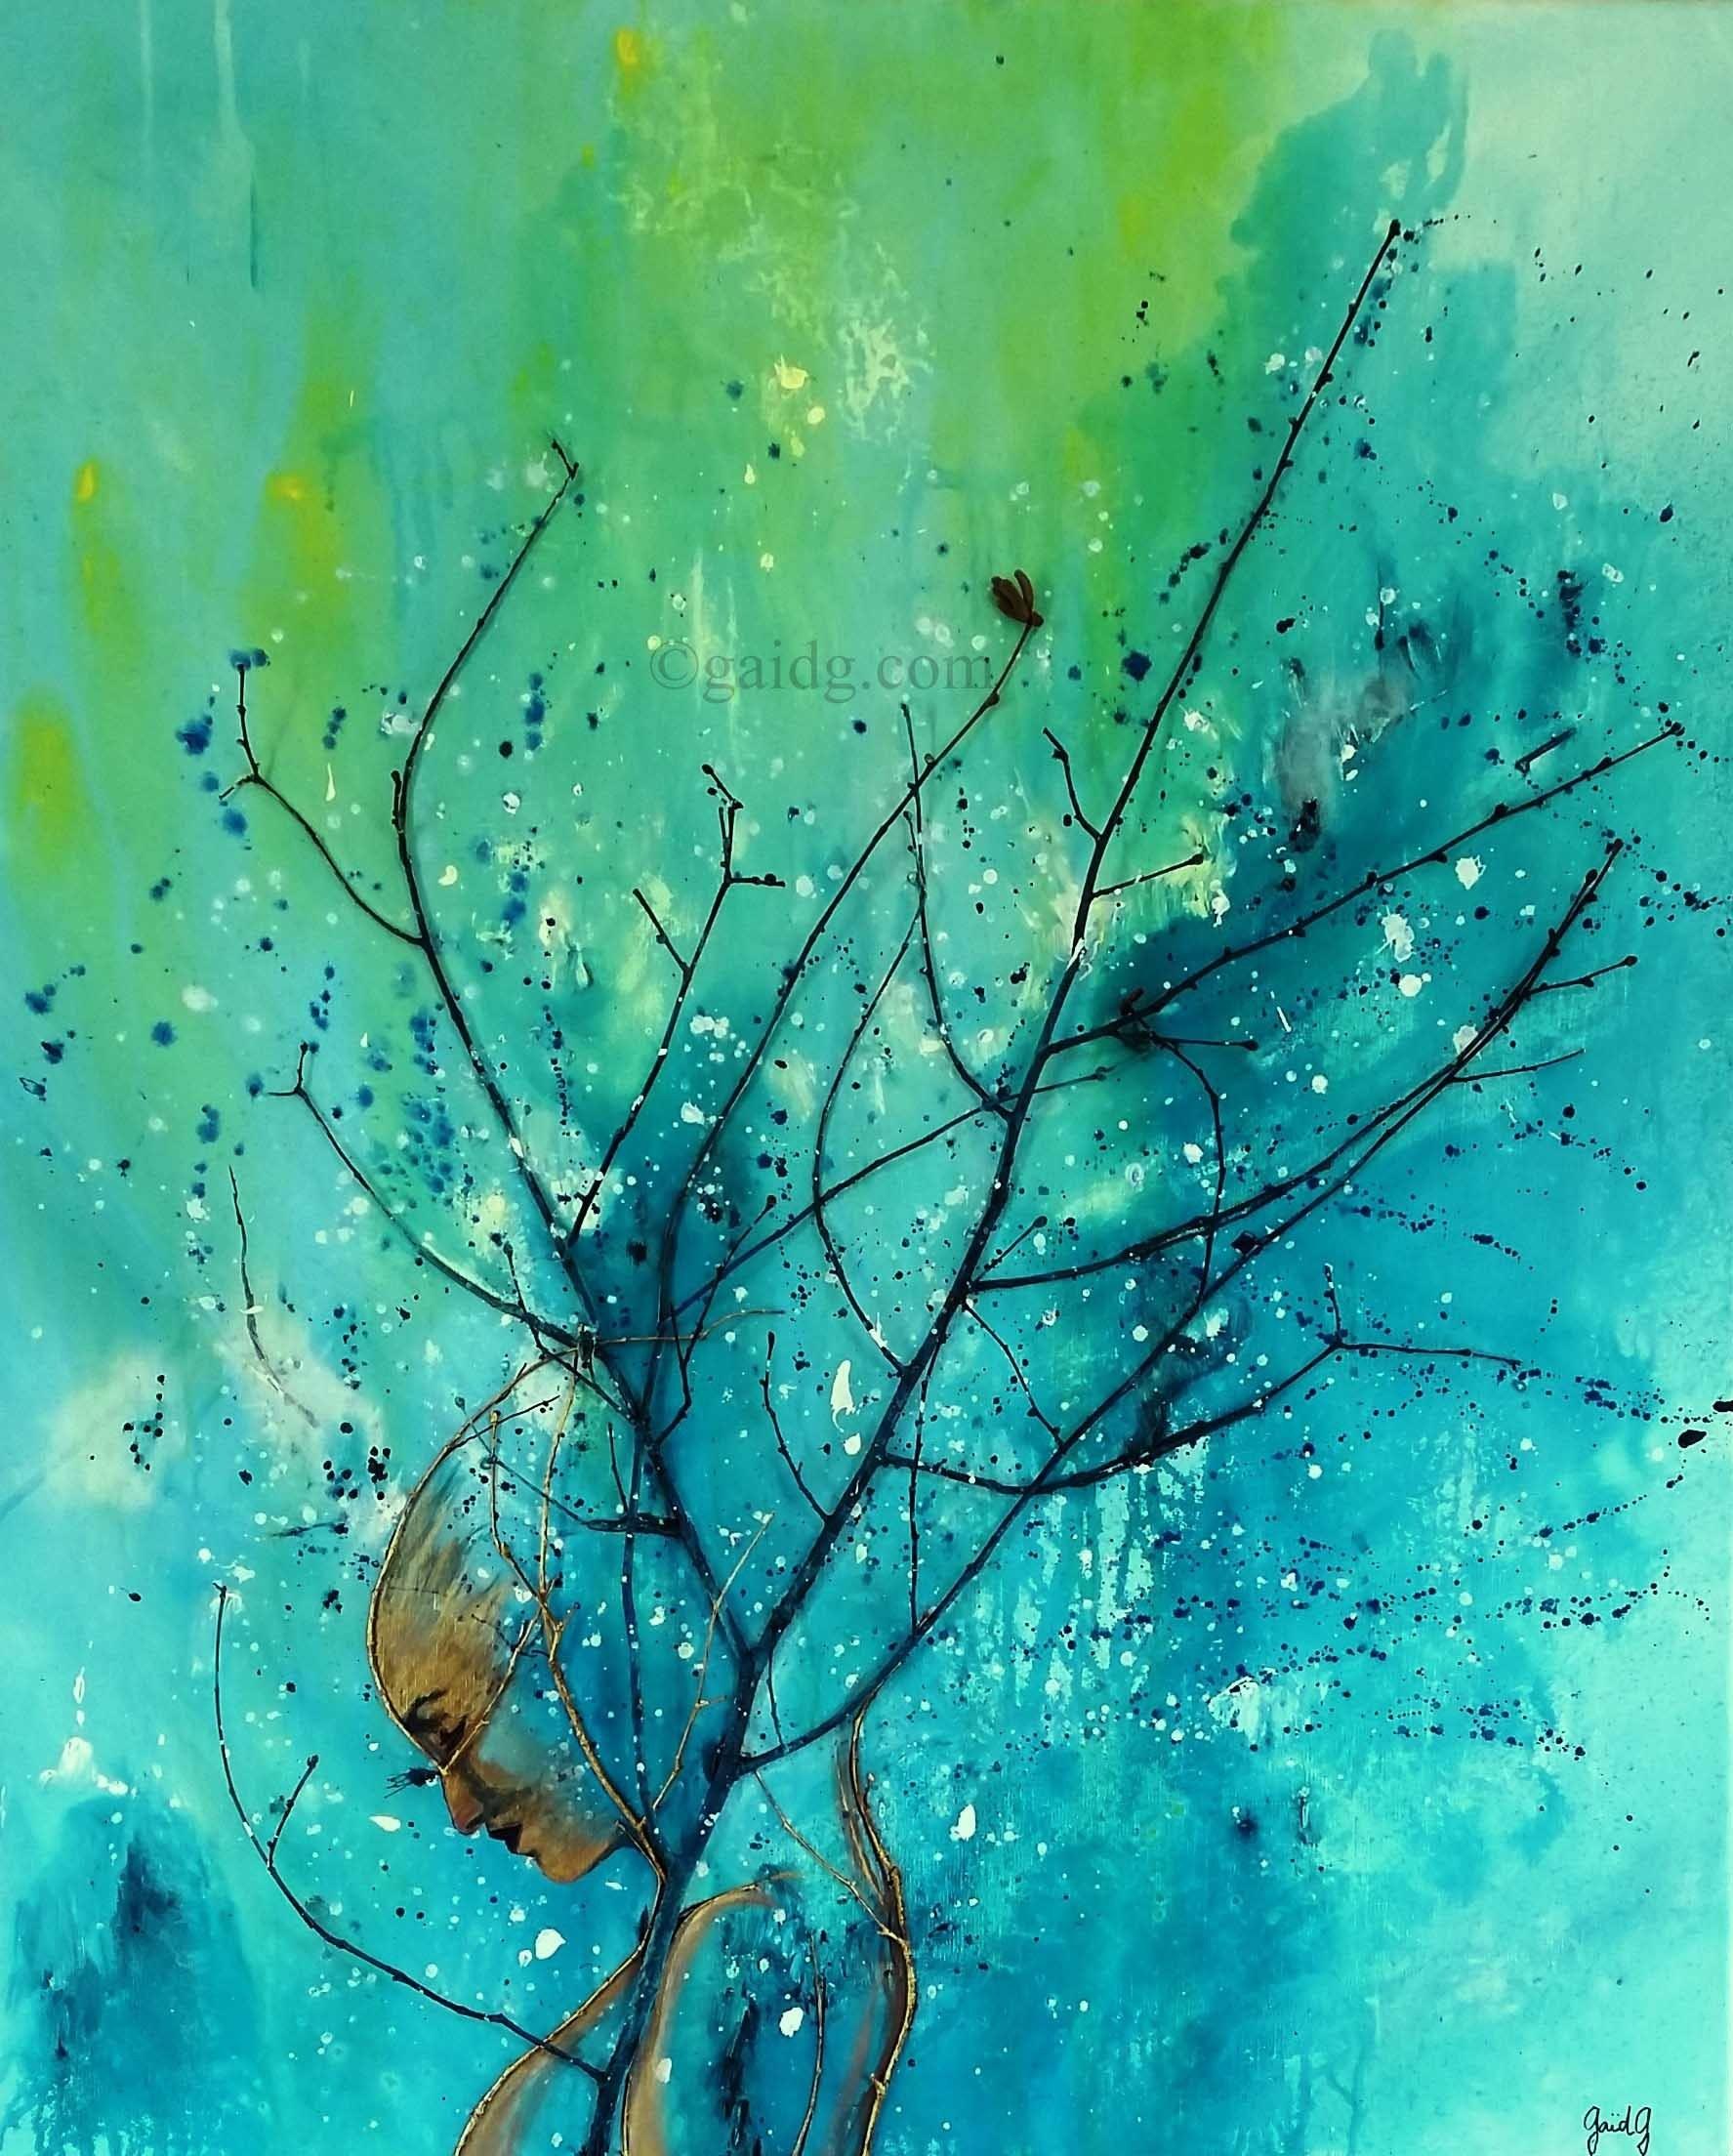 Penée Végétale - Acrylique et bois sur toile - 81x100 cm